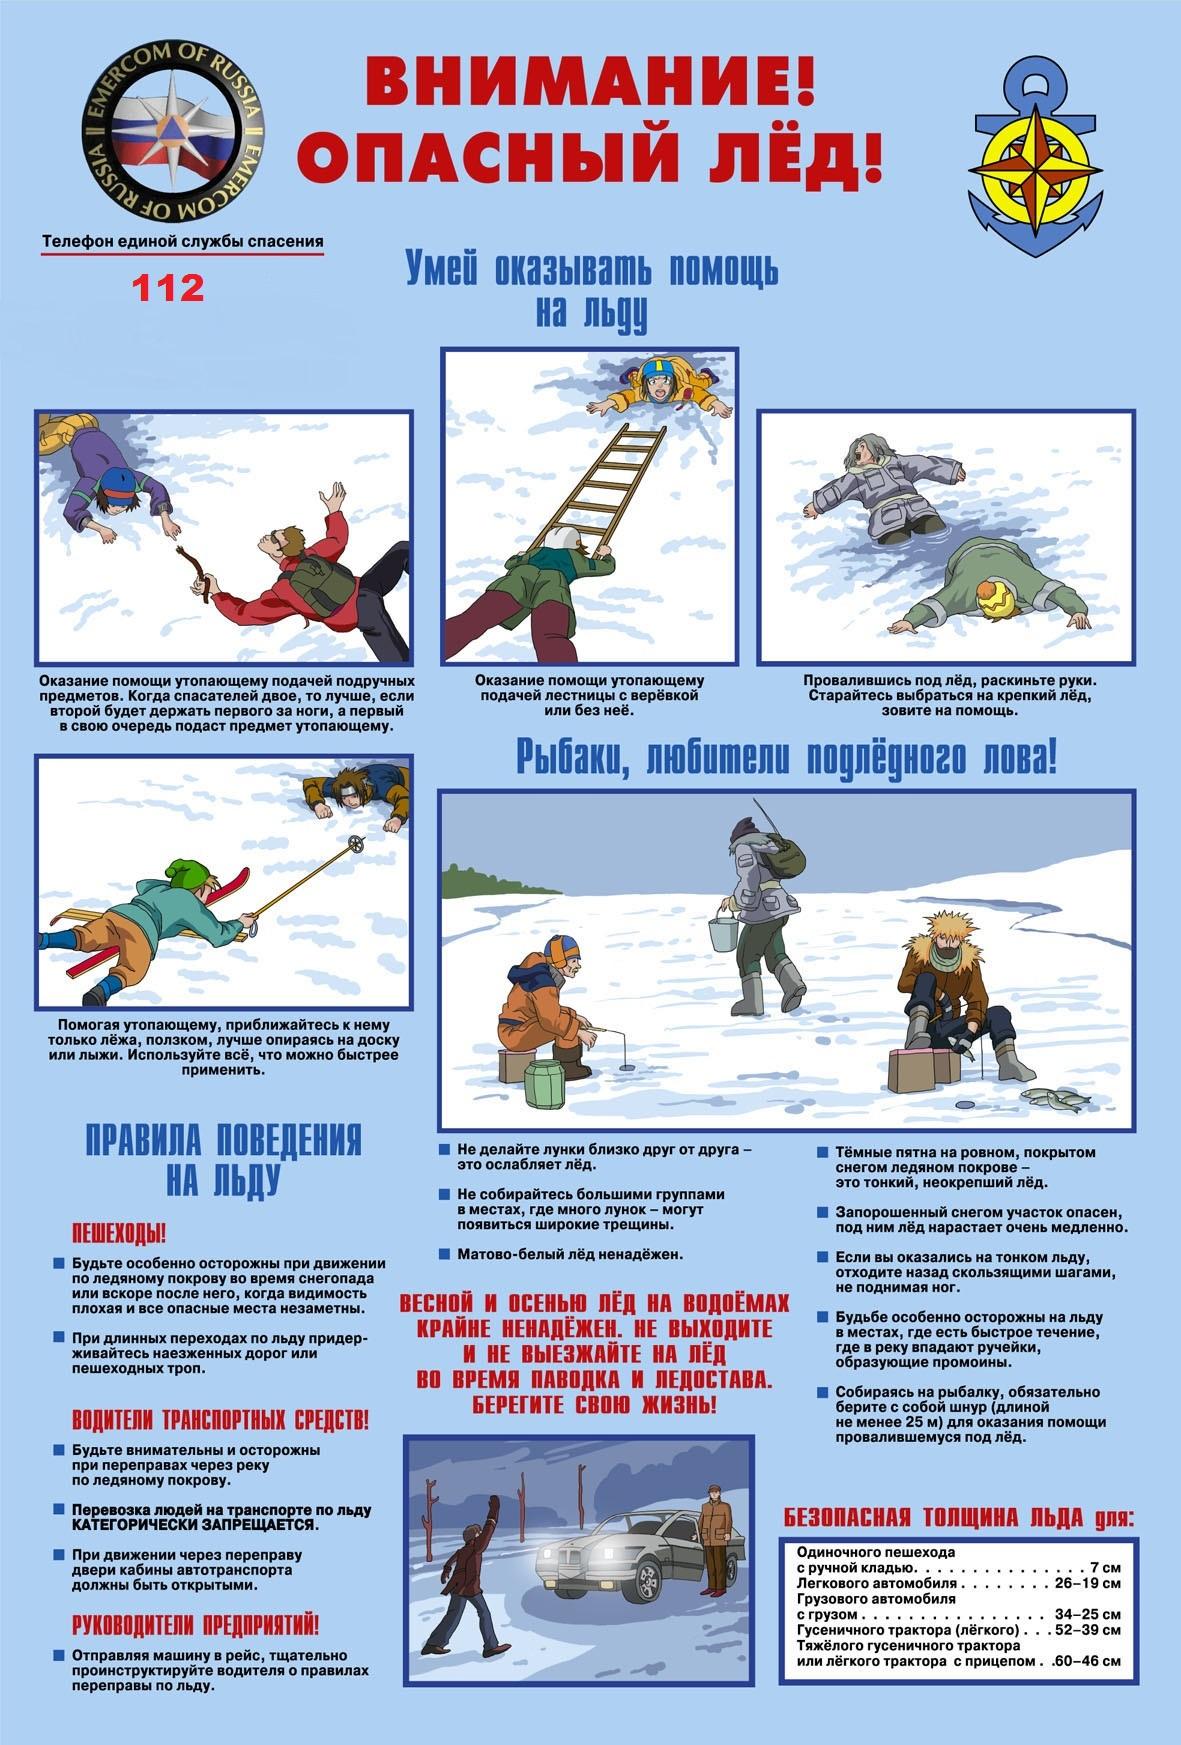 опасный лед-